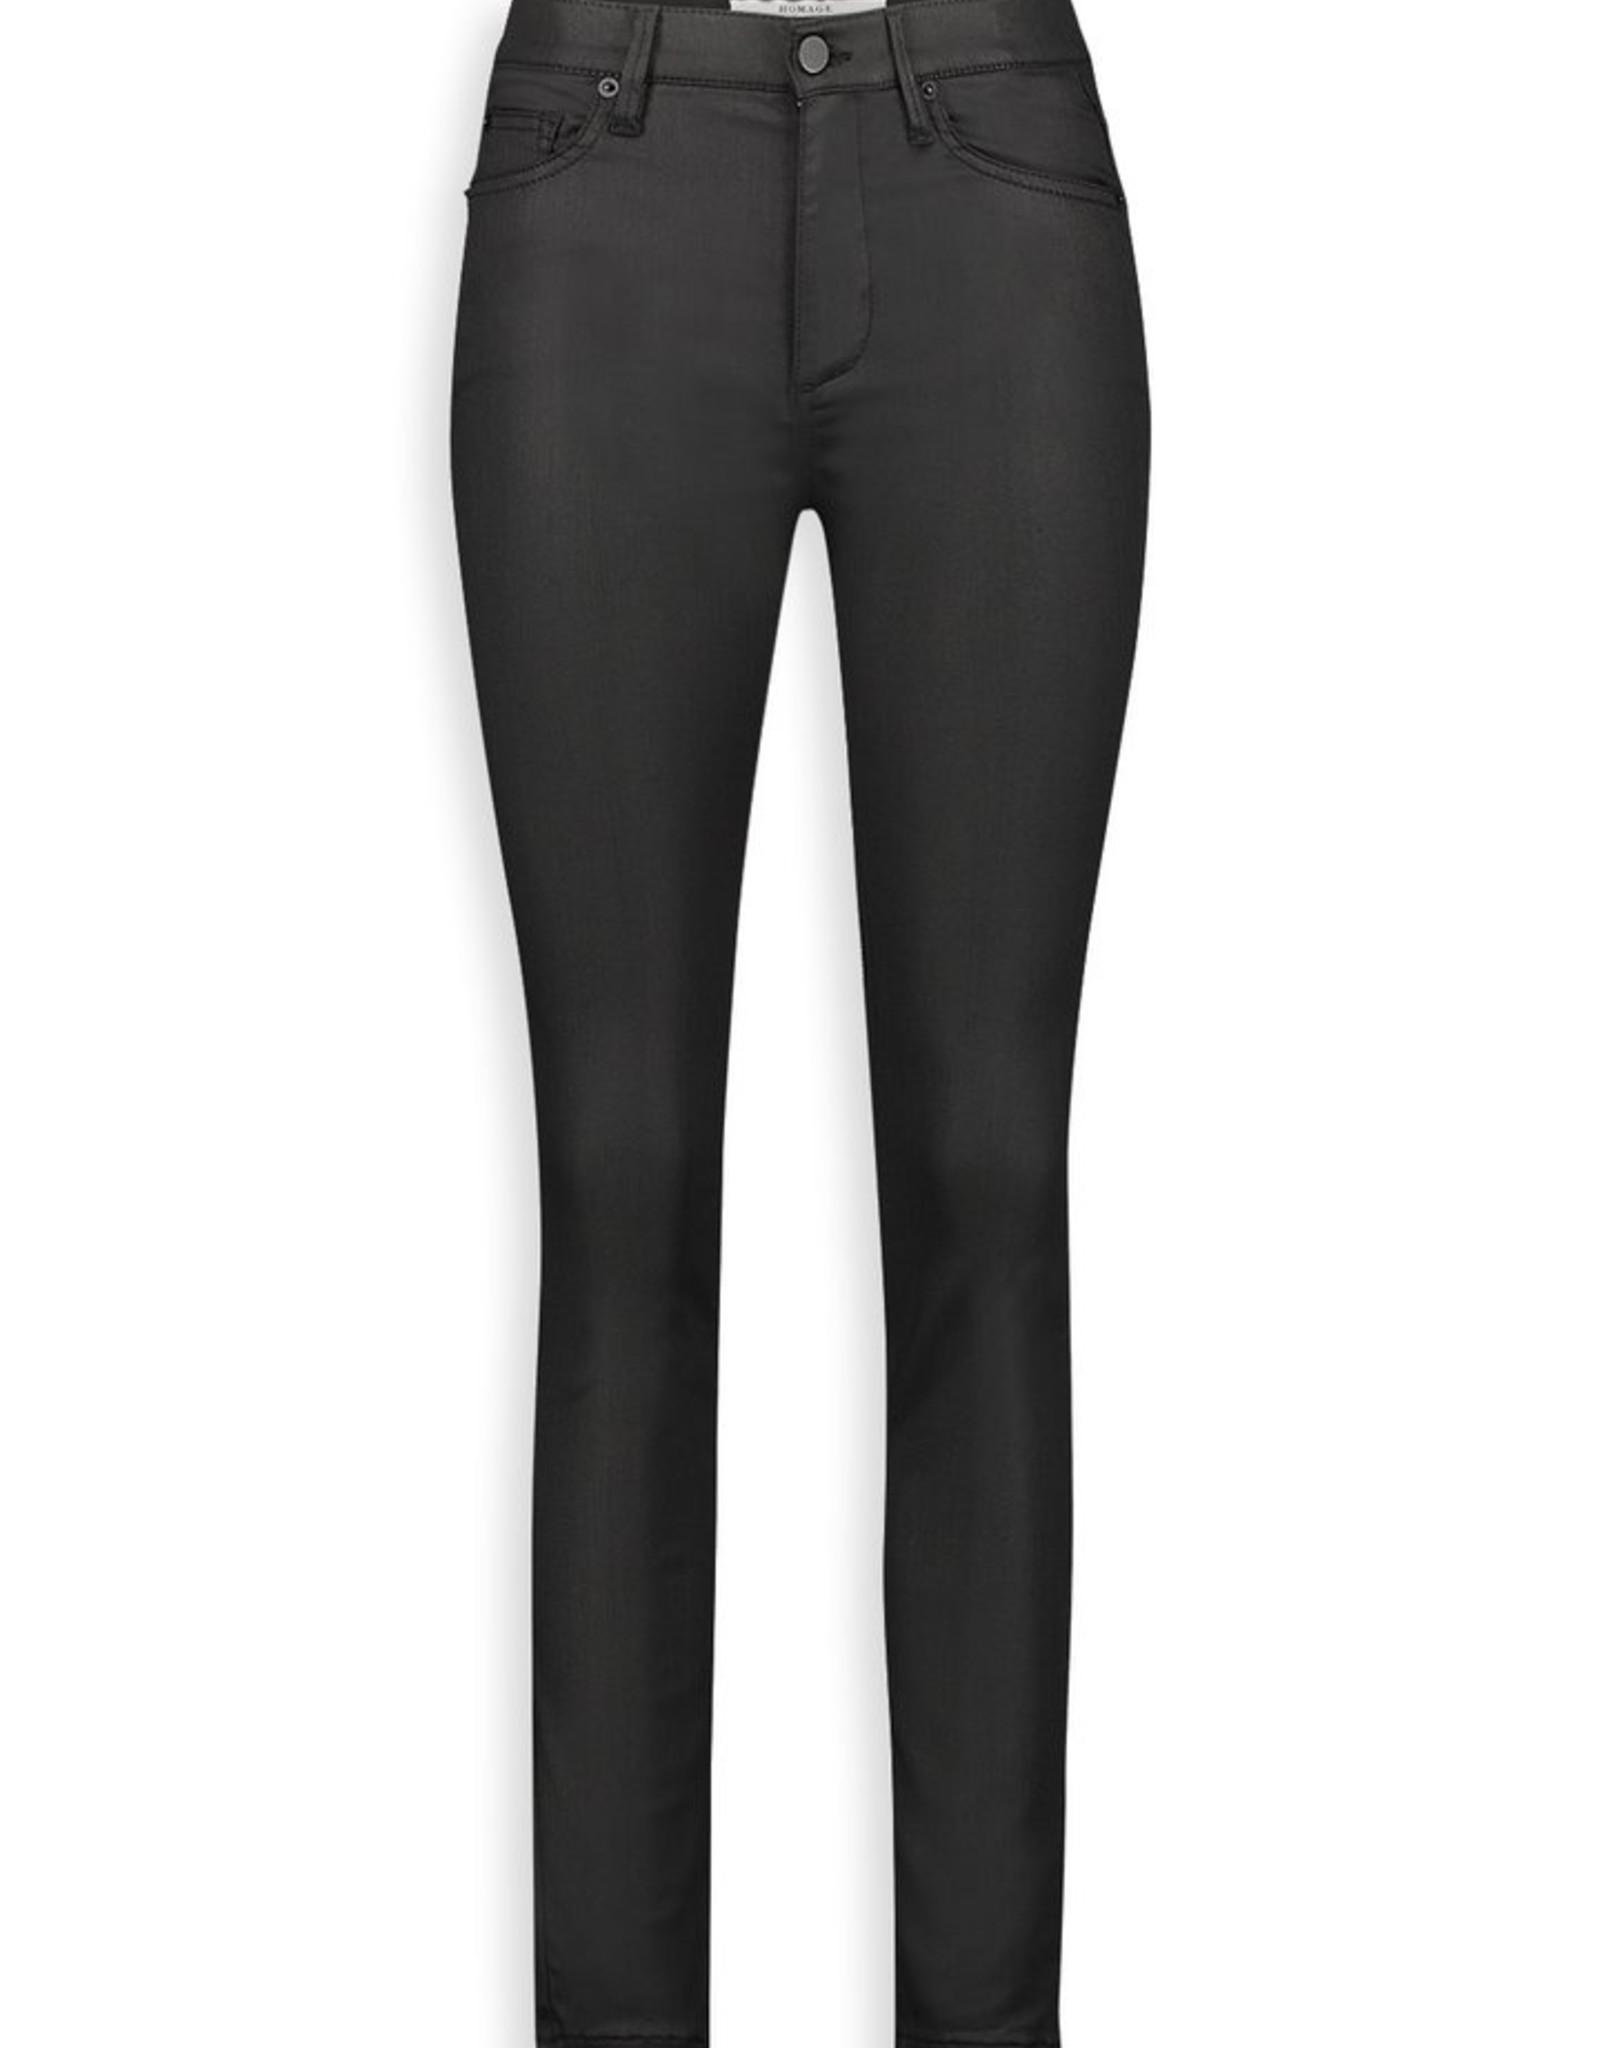 Homage Jagger Sateen Coated Skinny Jeans Eternal Black